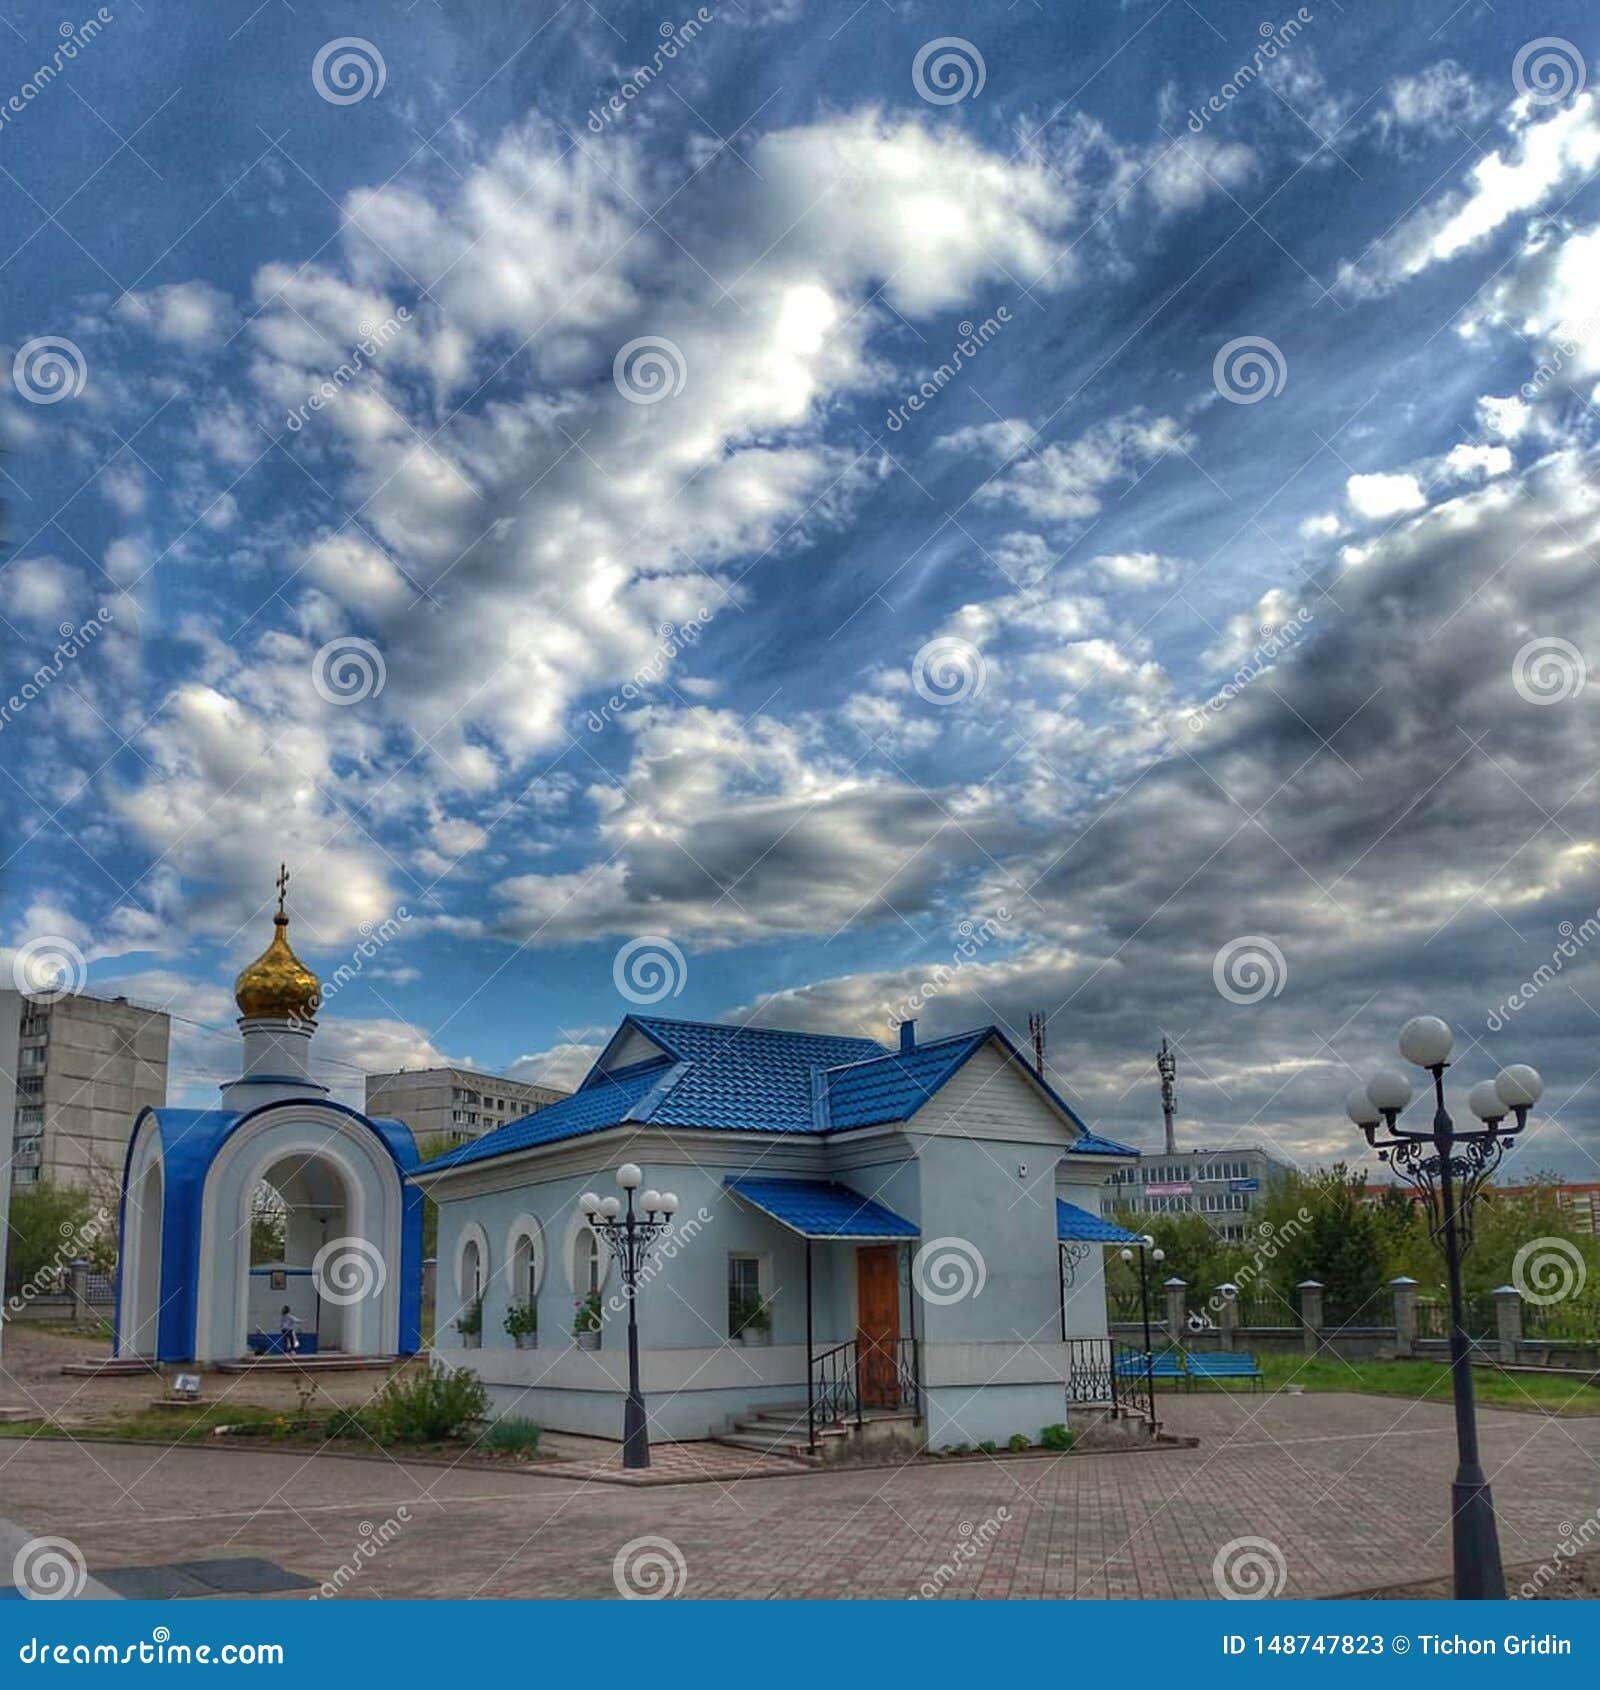 有一个蓝色屋顶的一个小屋,与Golden Dome的一个大厦和与白色云彩的一明亮的天空蔚蓝,索斯诺沃博尔斯克,克拉斯诺亚尔斯克r